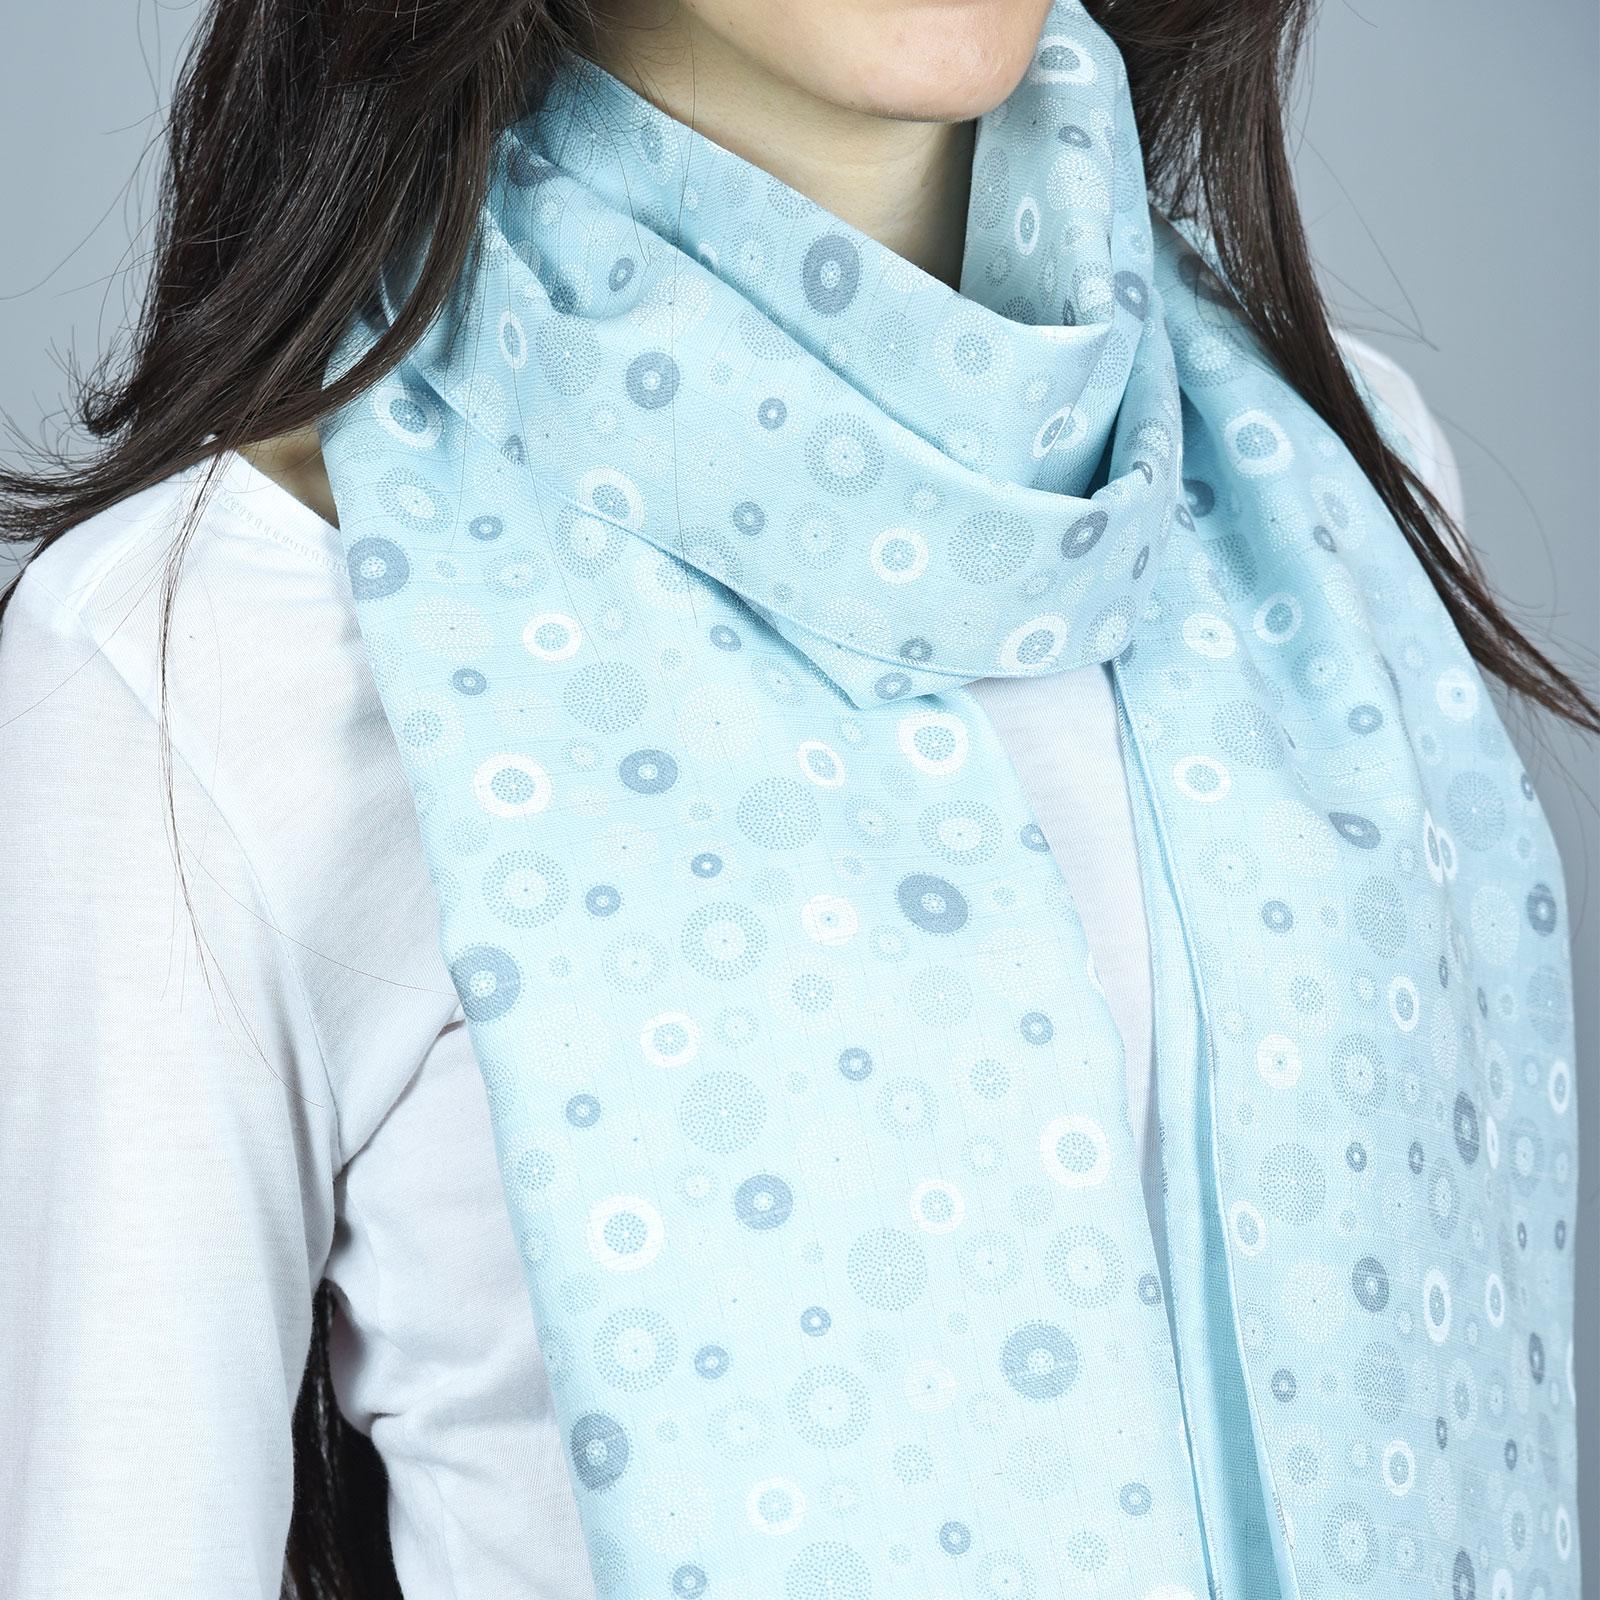 Echarpe légère Bleue ciel, motifs roues - 100% coton 02283a60601